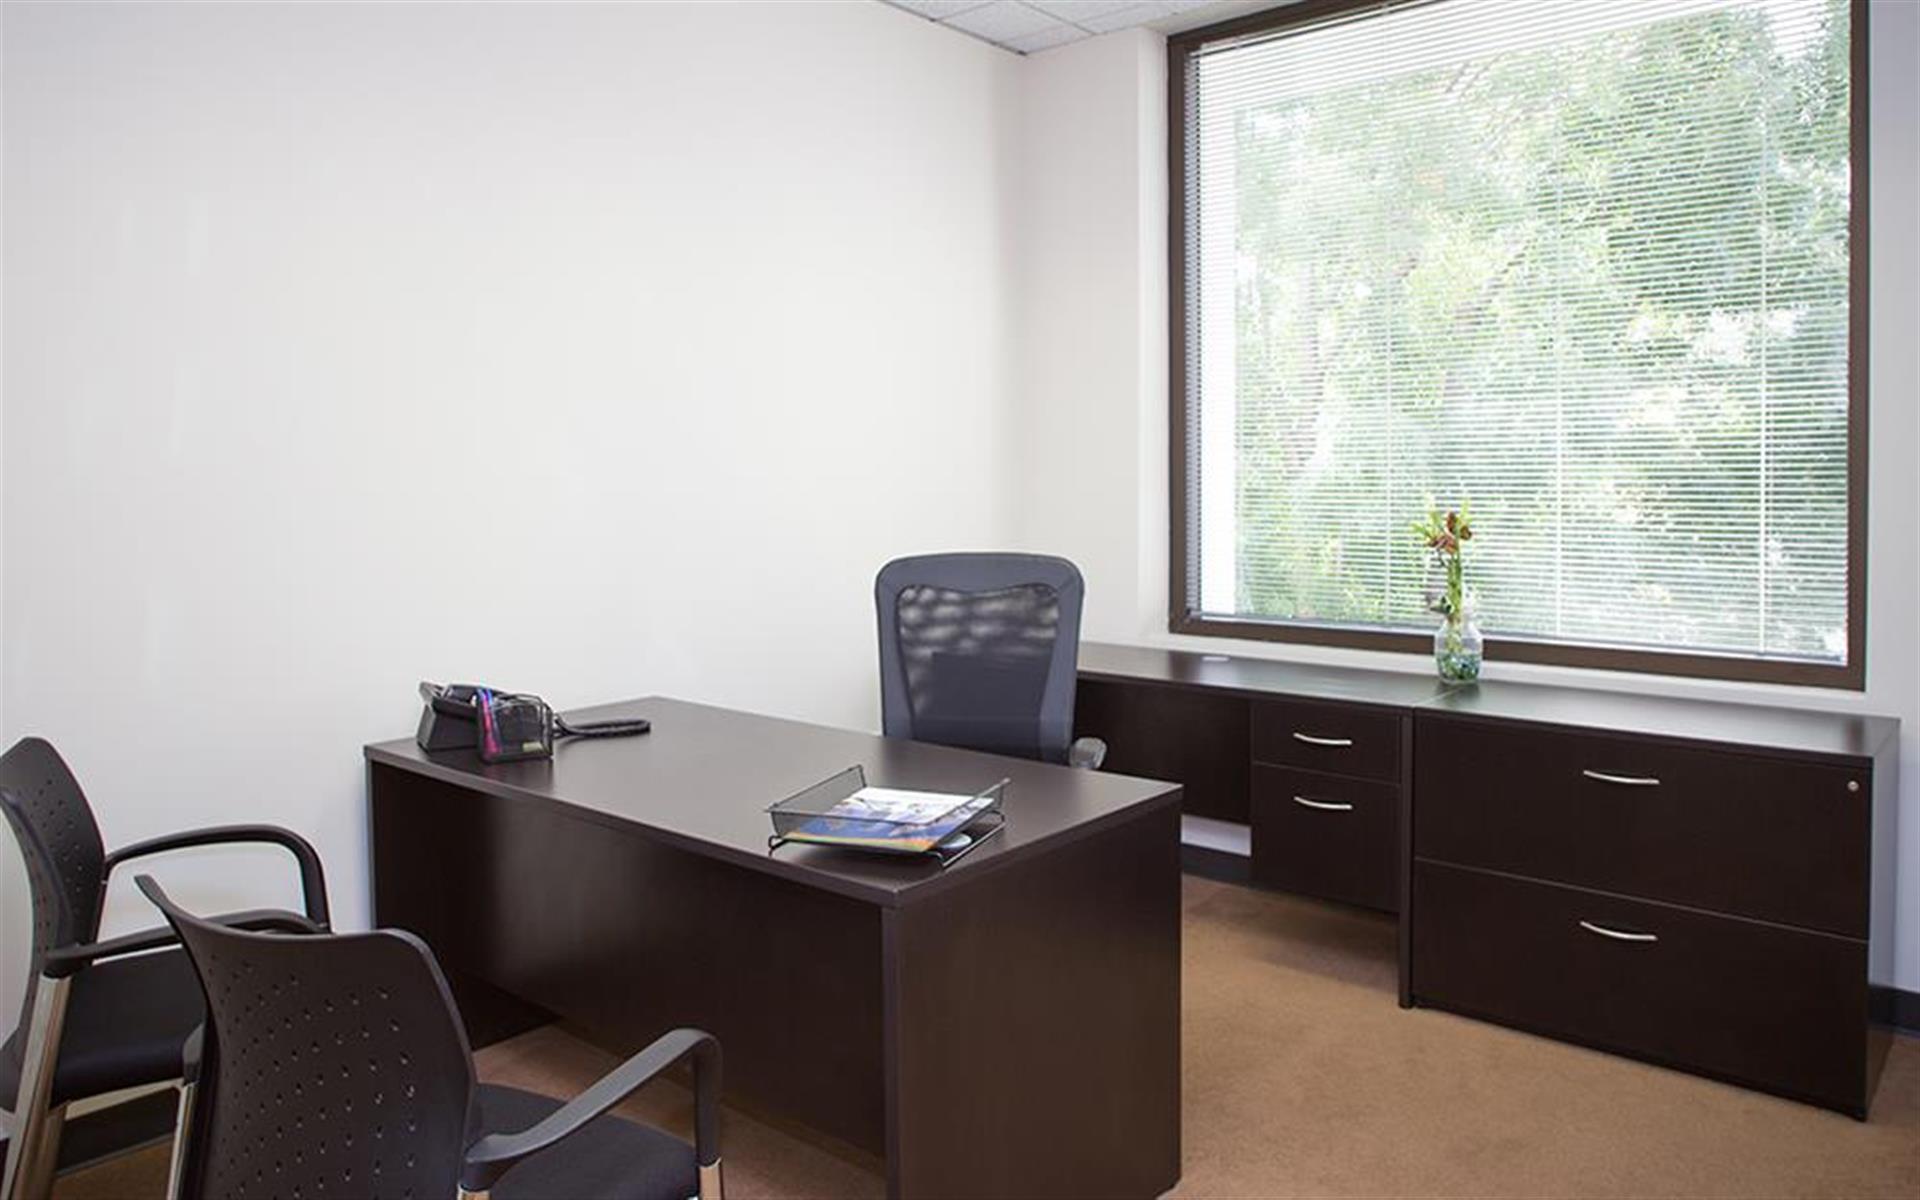 (SJ2) Silicon Valley Center - Exterior Office Space